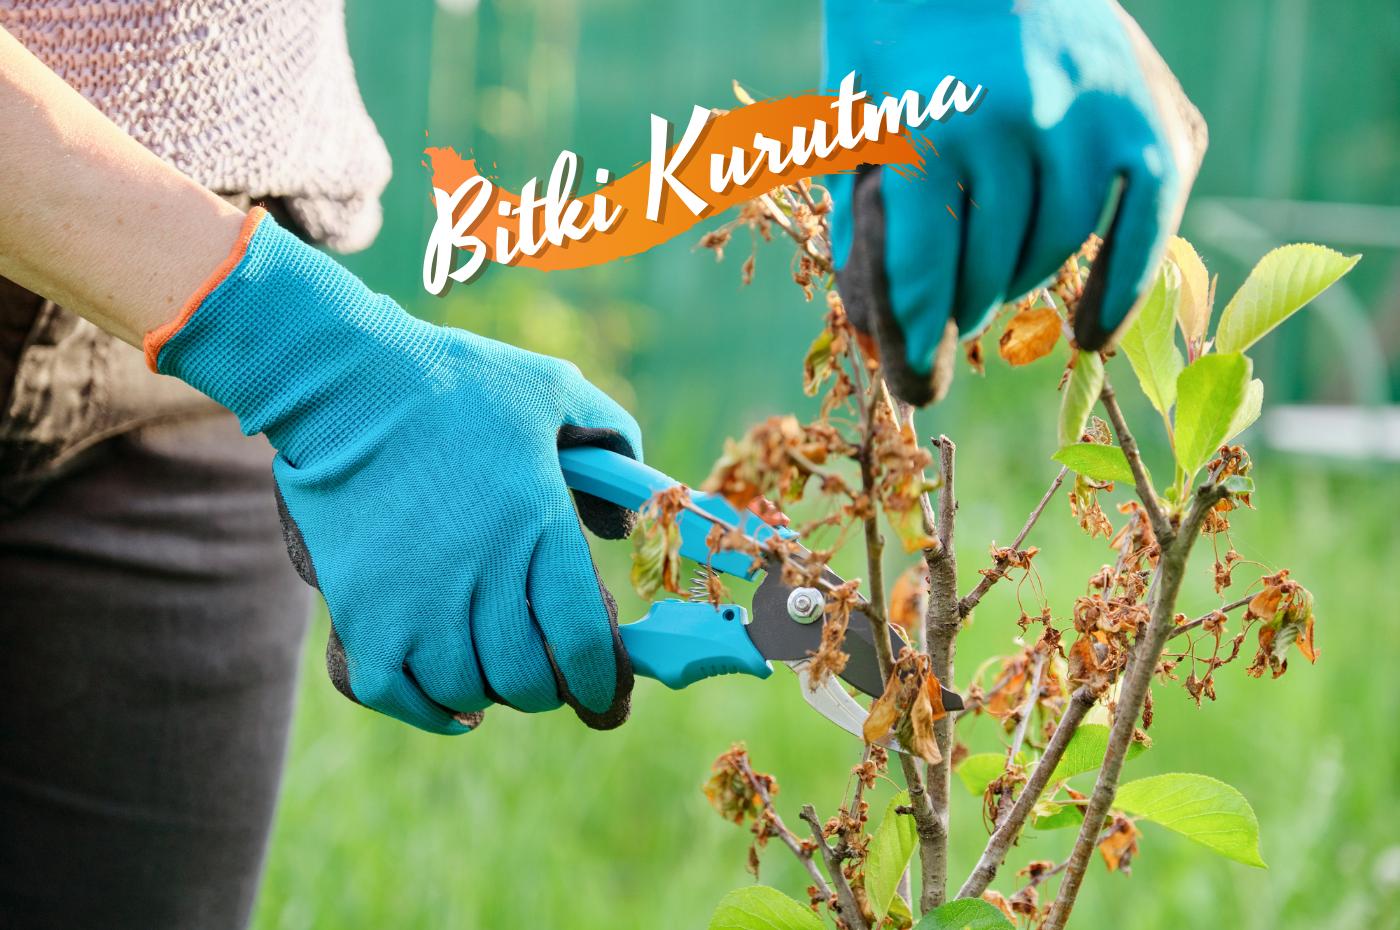 Bitkiler nasıl kurutulur? Herbaryum nasıl yapılır? Sağlık bitki kurutma